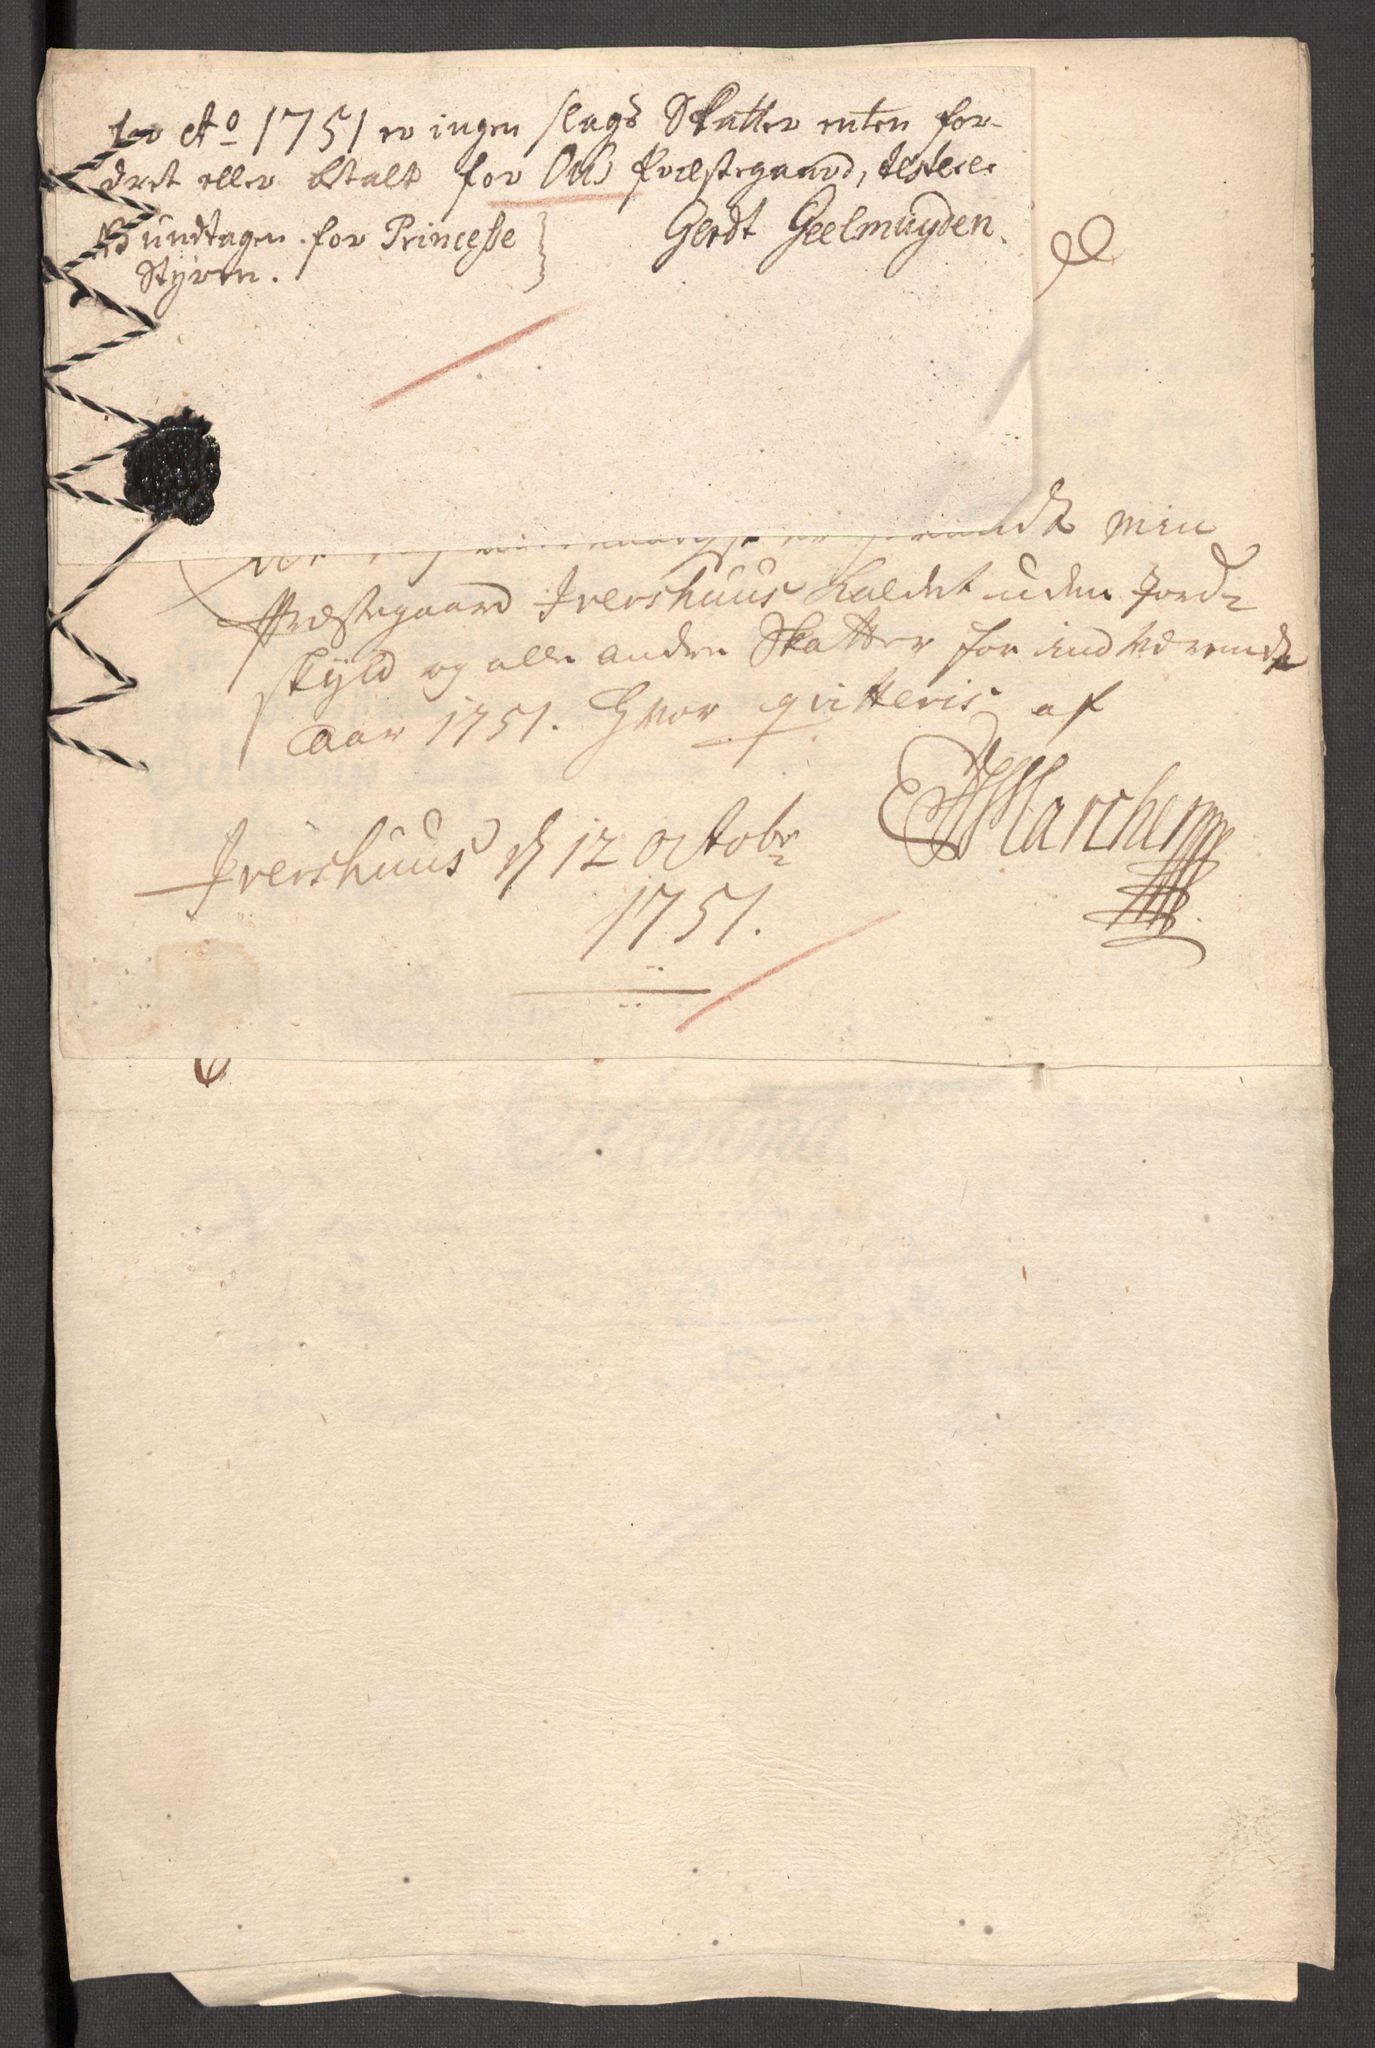 RA, Rentekammeret inntil 1814, Reviderte regnskaper, Fogderegnskap, R48/L3056: Fogderegnskap Sunnhordland og Hardanger, 1751, s. 297